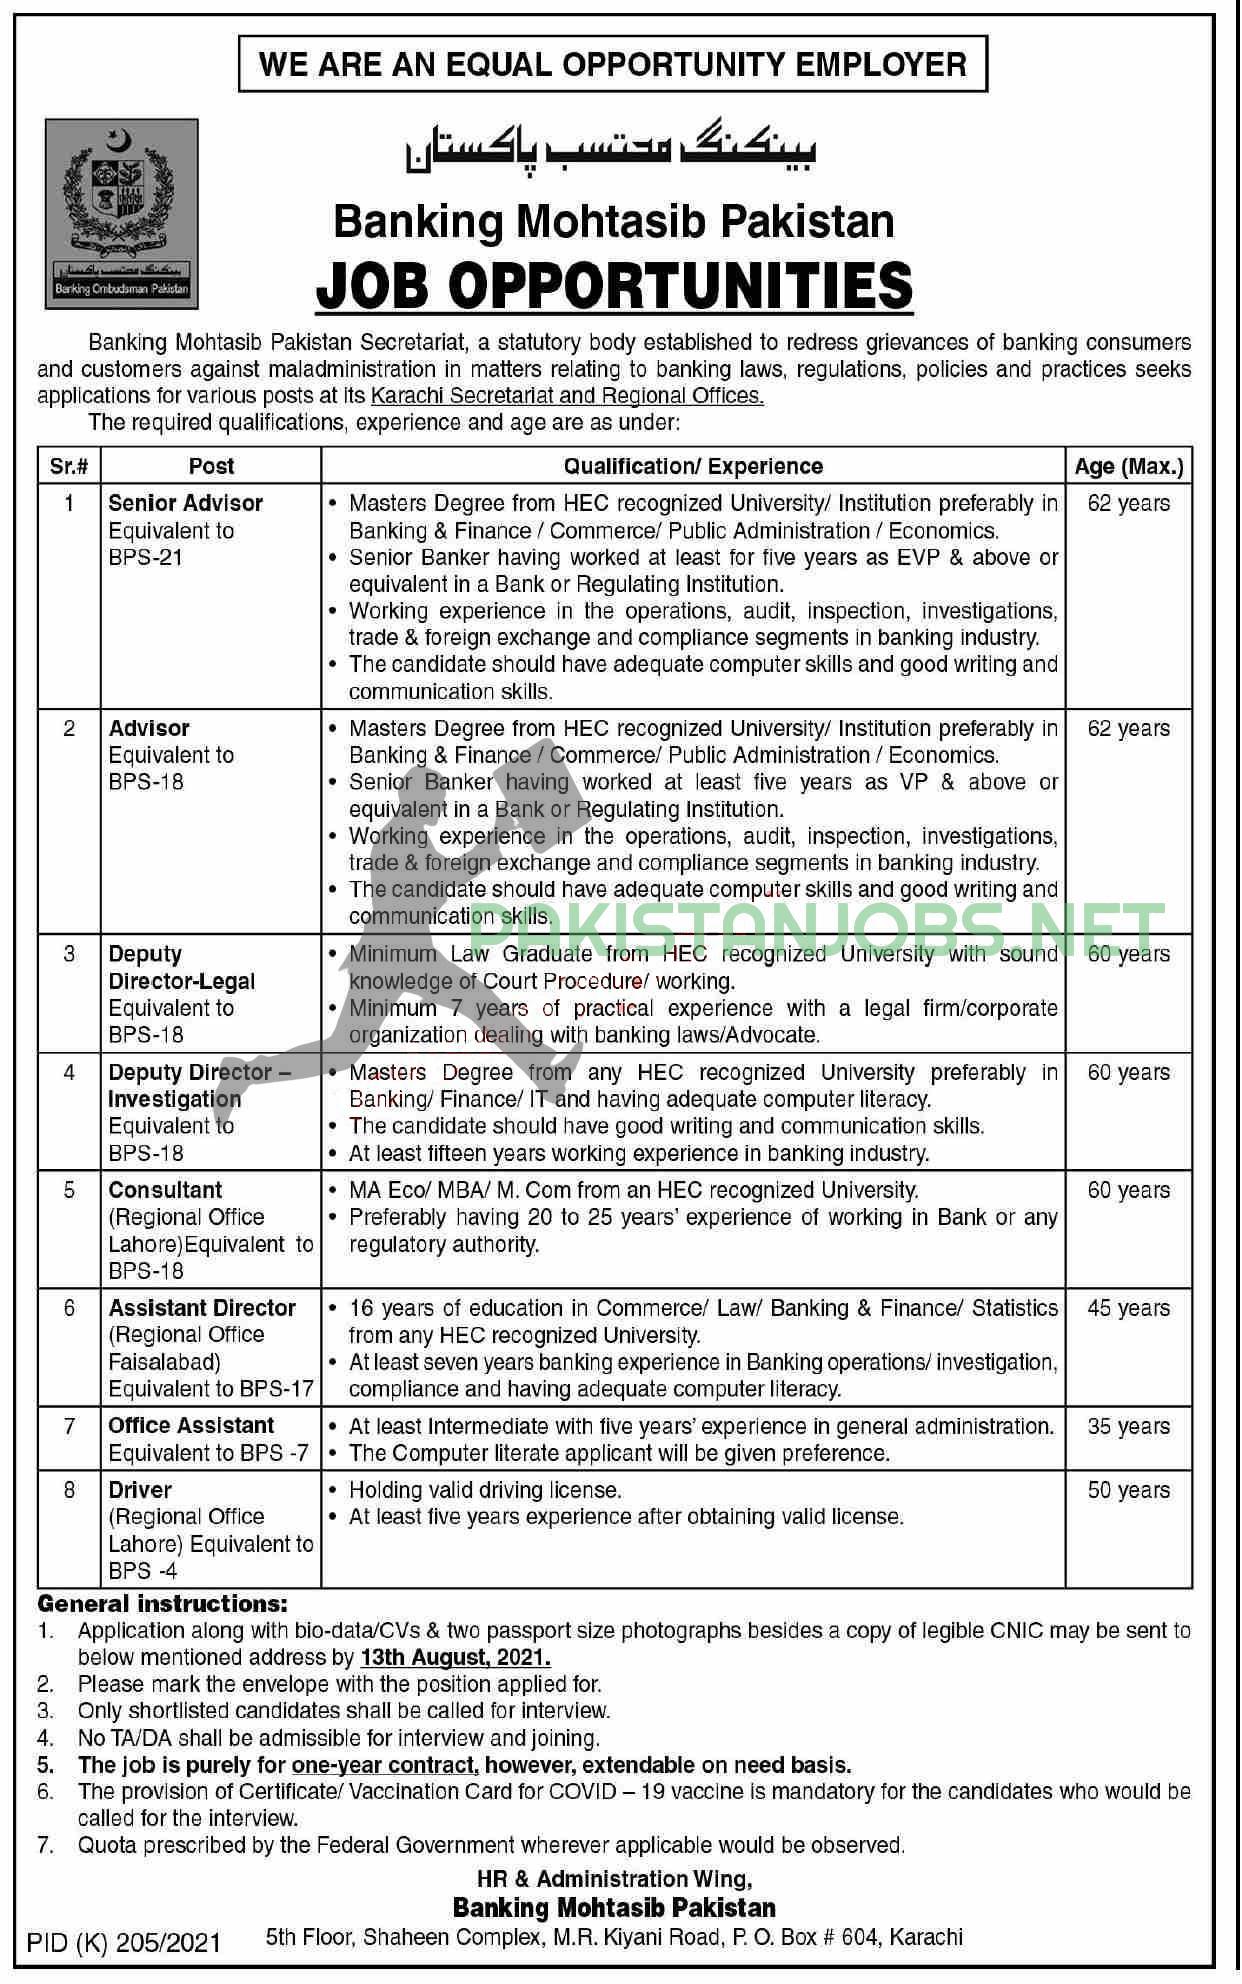 Pakistan Banking Muhtasib Jobs Latest 2021